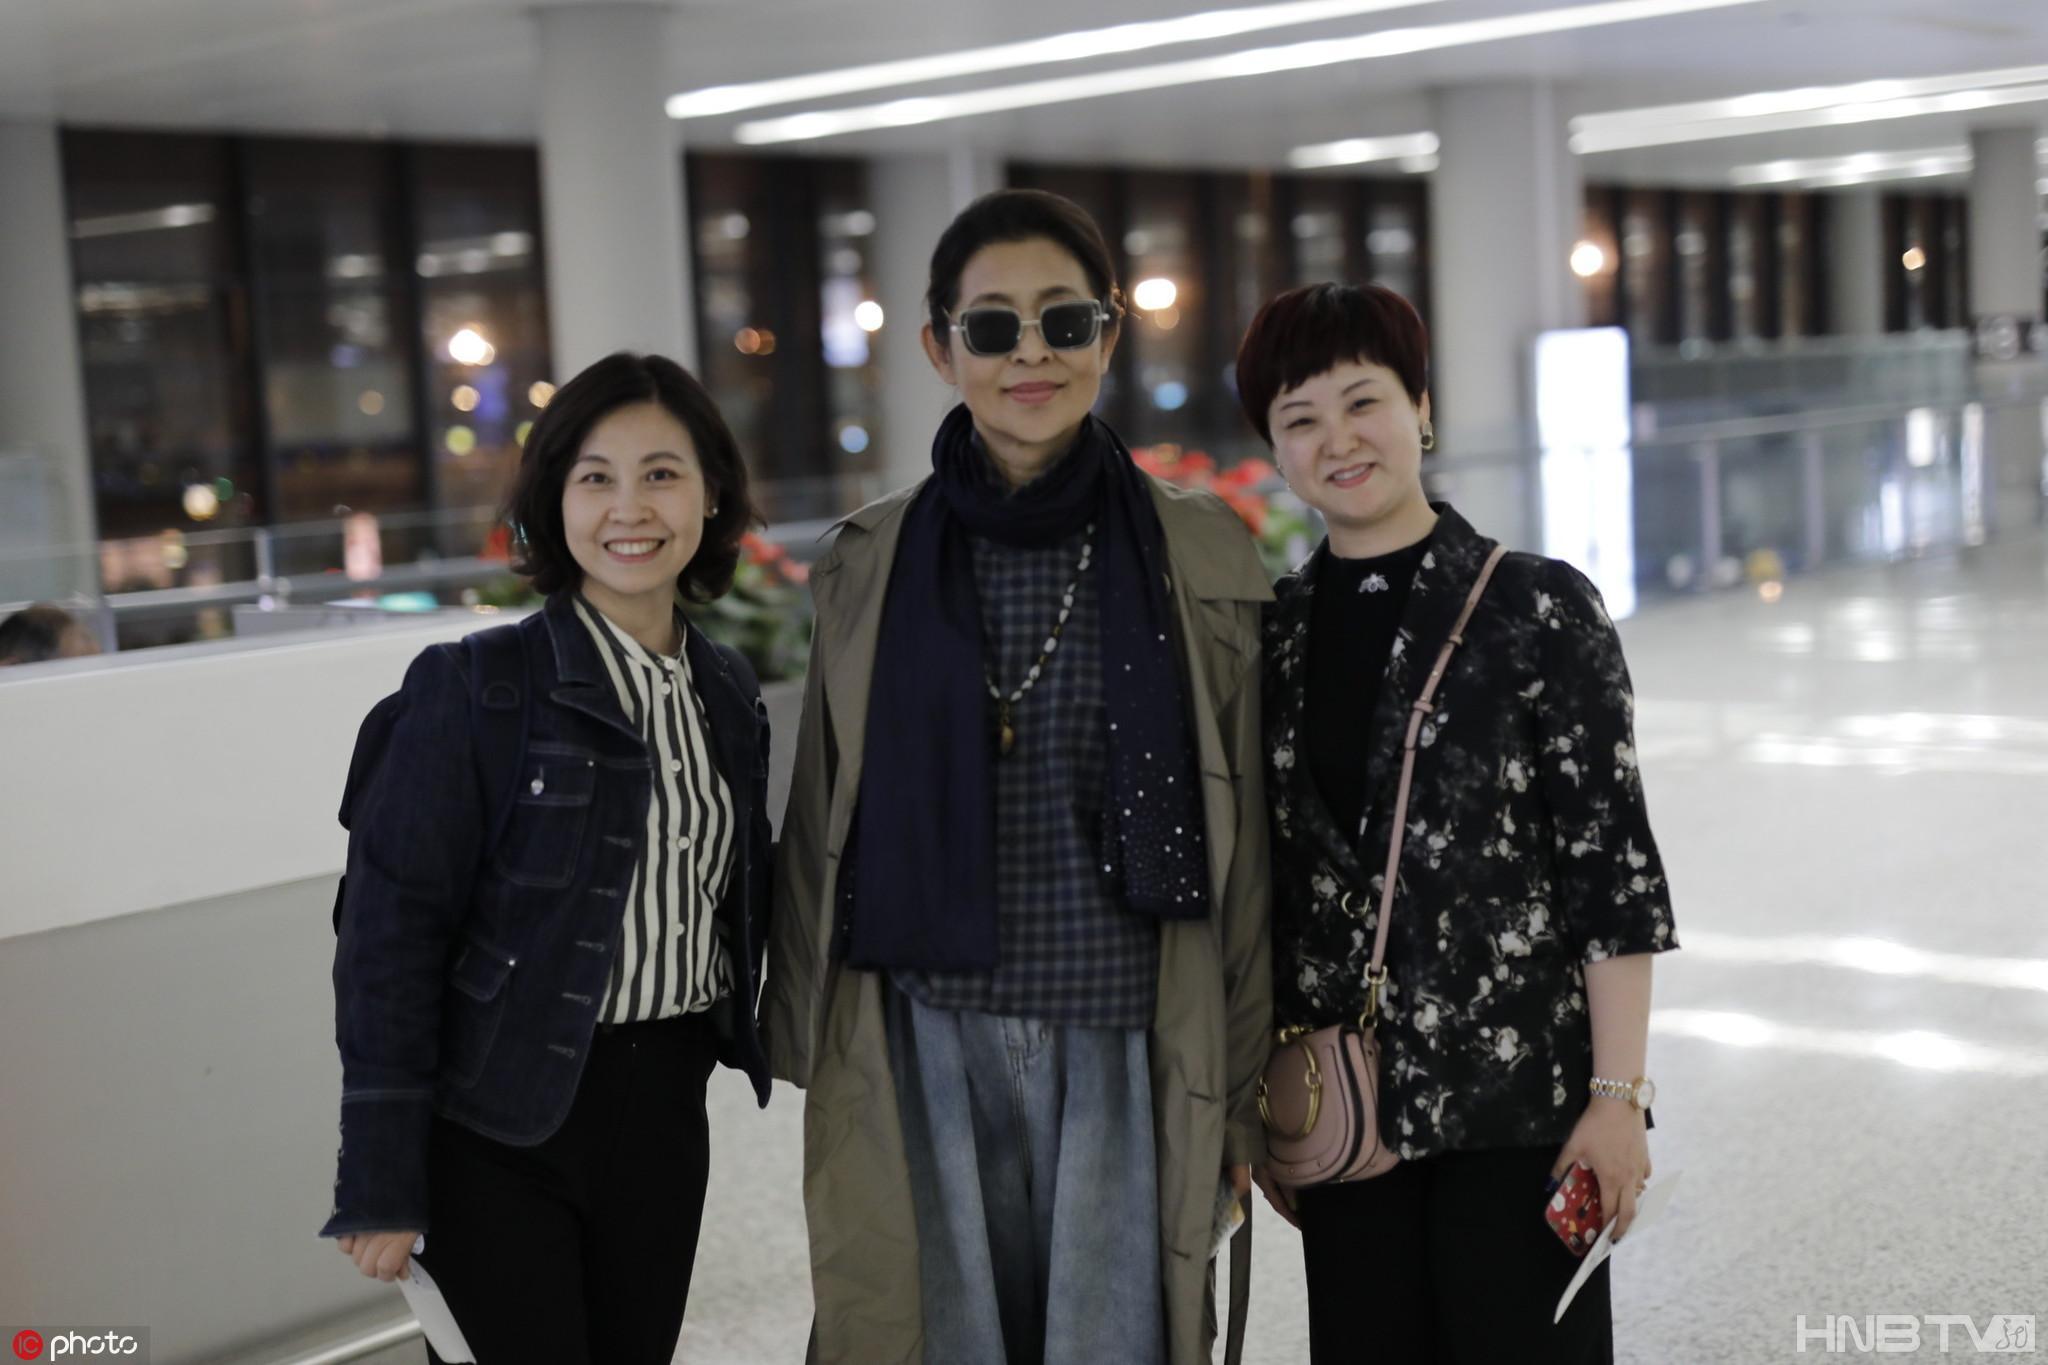 倪萍和路人亲切合照毫无架子 打扮文艺风衬气质